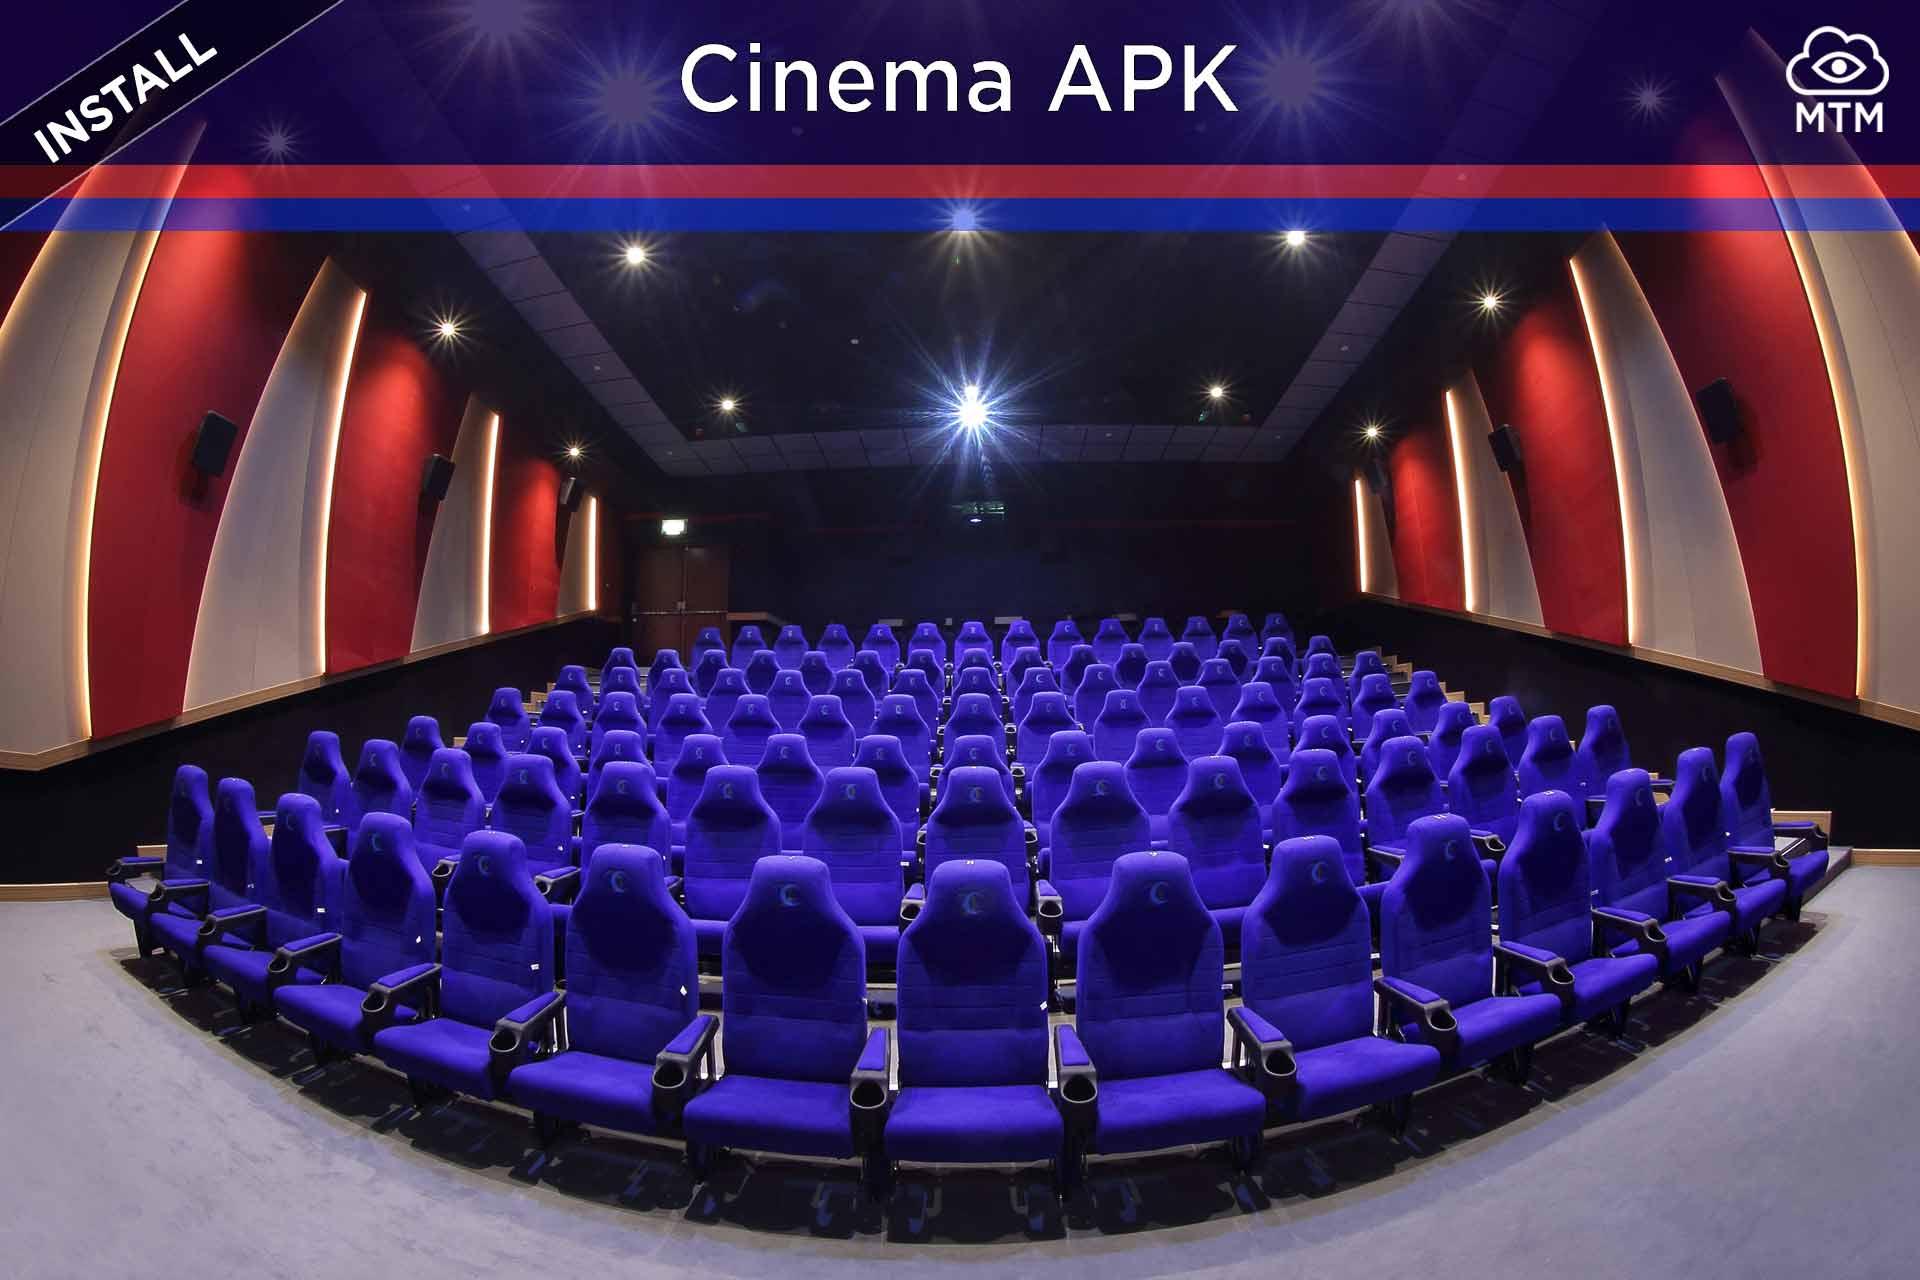 Nola instalatu Cinema HD APK HDMovies aplikazioa Firestick eta Android TV Box-en